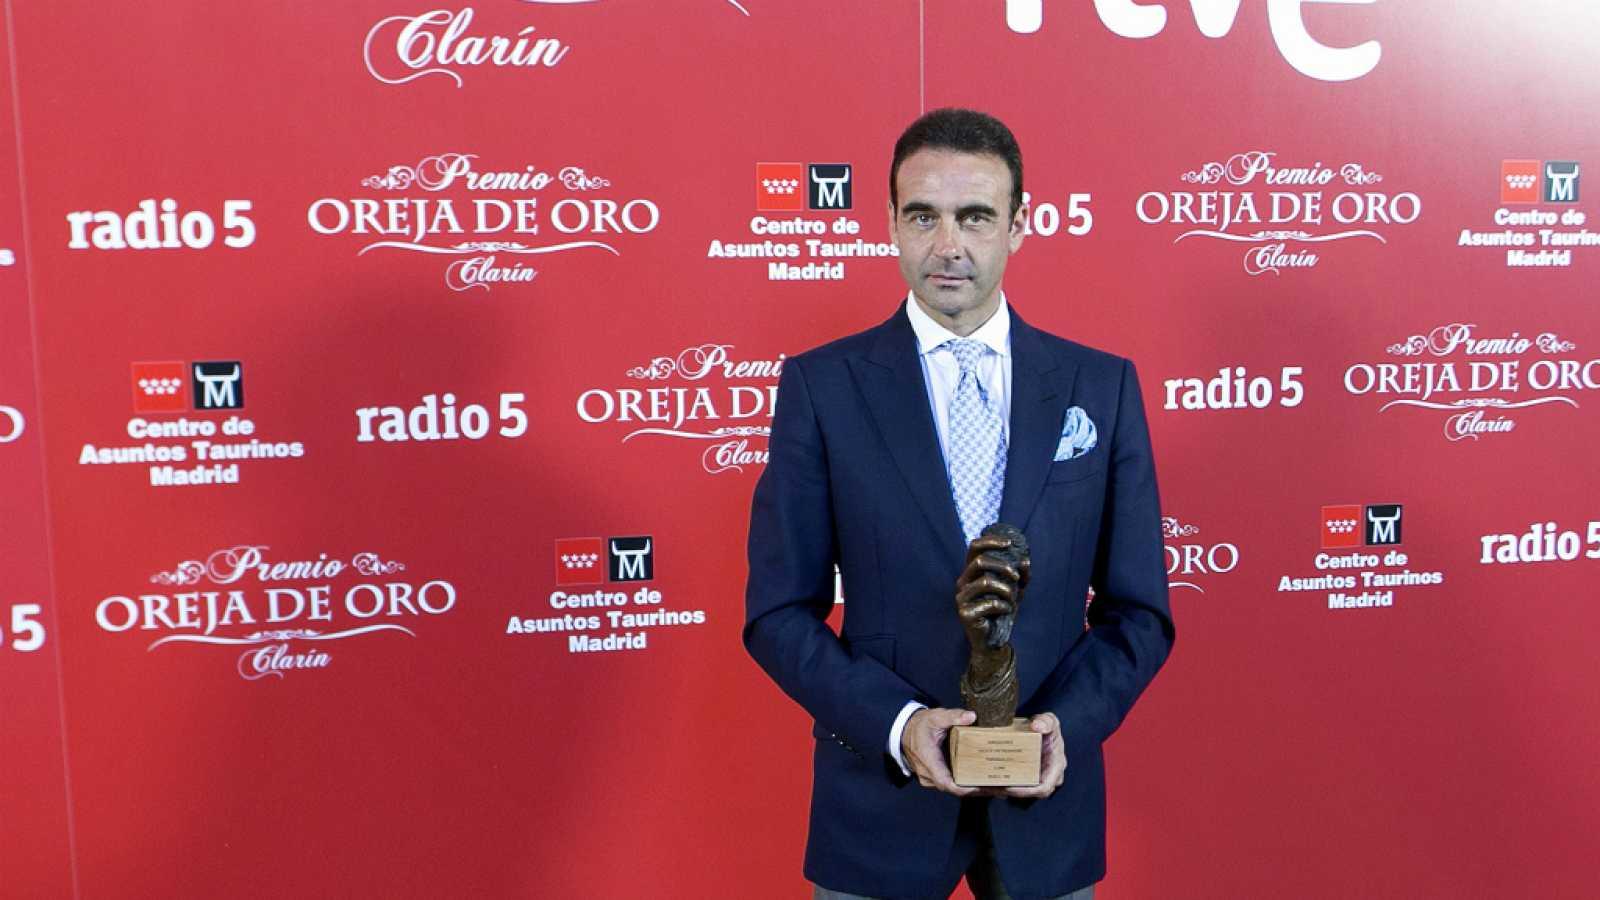 Ponce recibe la oreja de oro de Radio Nacional bilaketarekin bat datozen irudiak